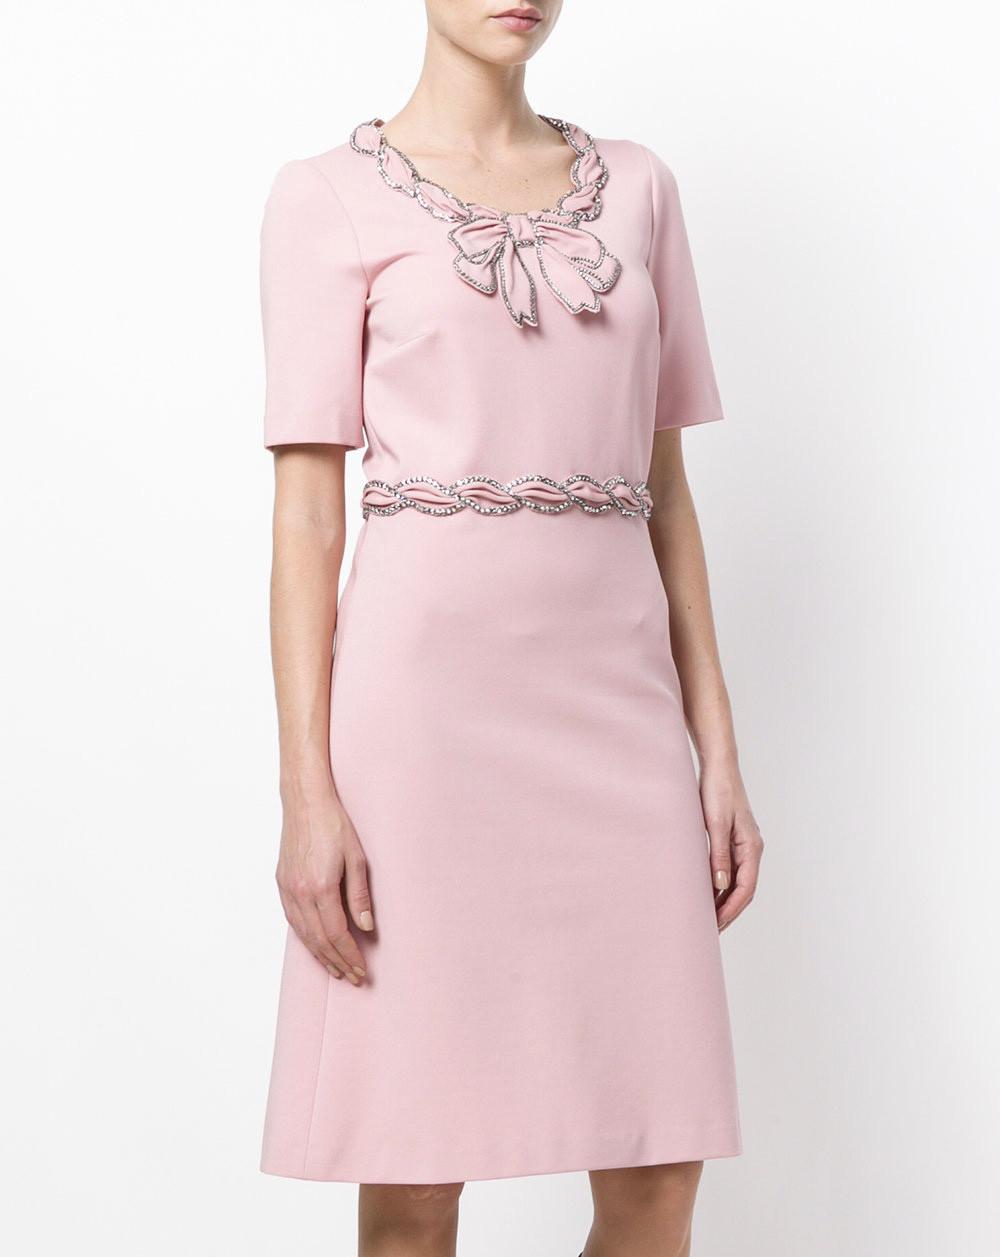 Платье в стиле Gucci с бантиком персиковое